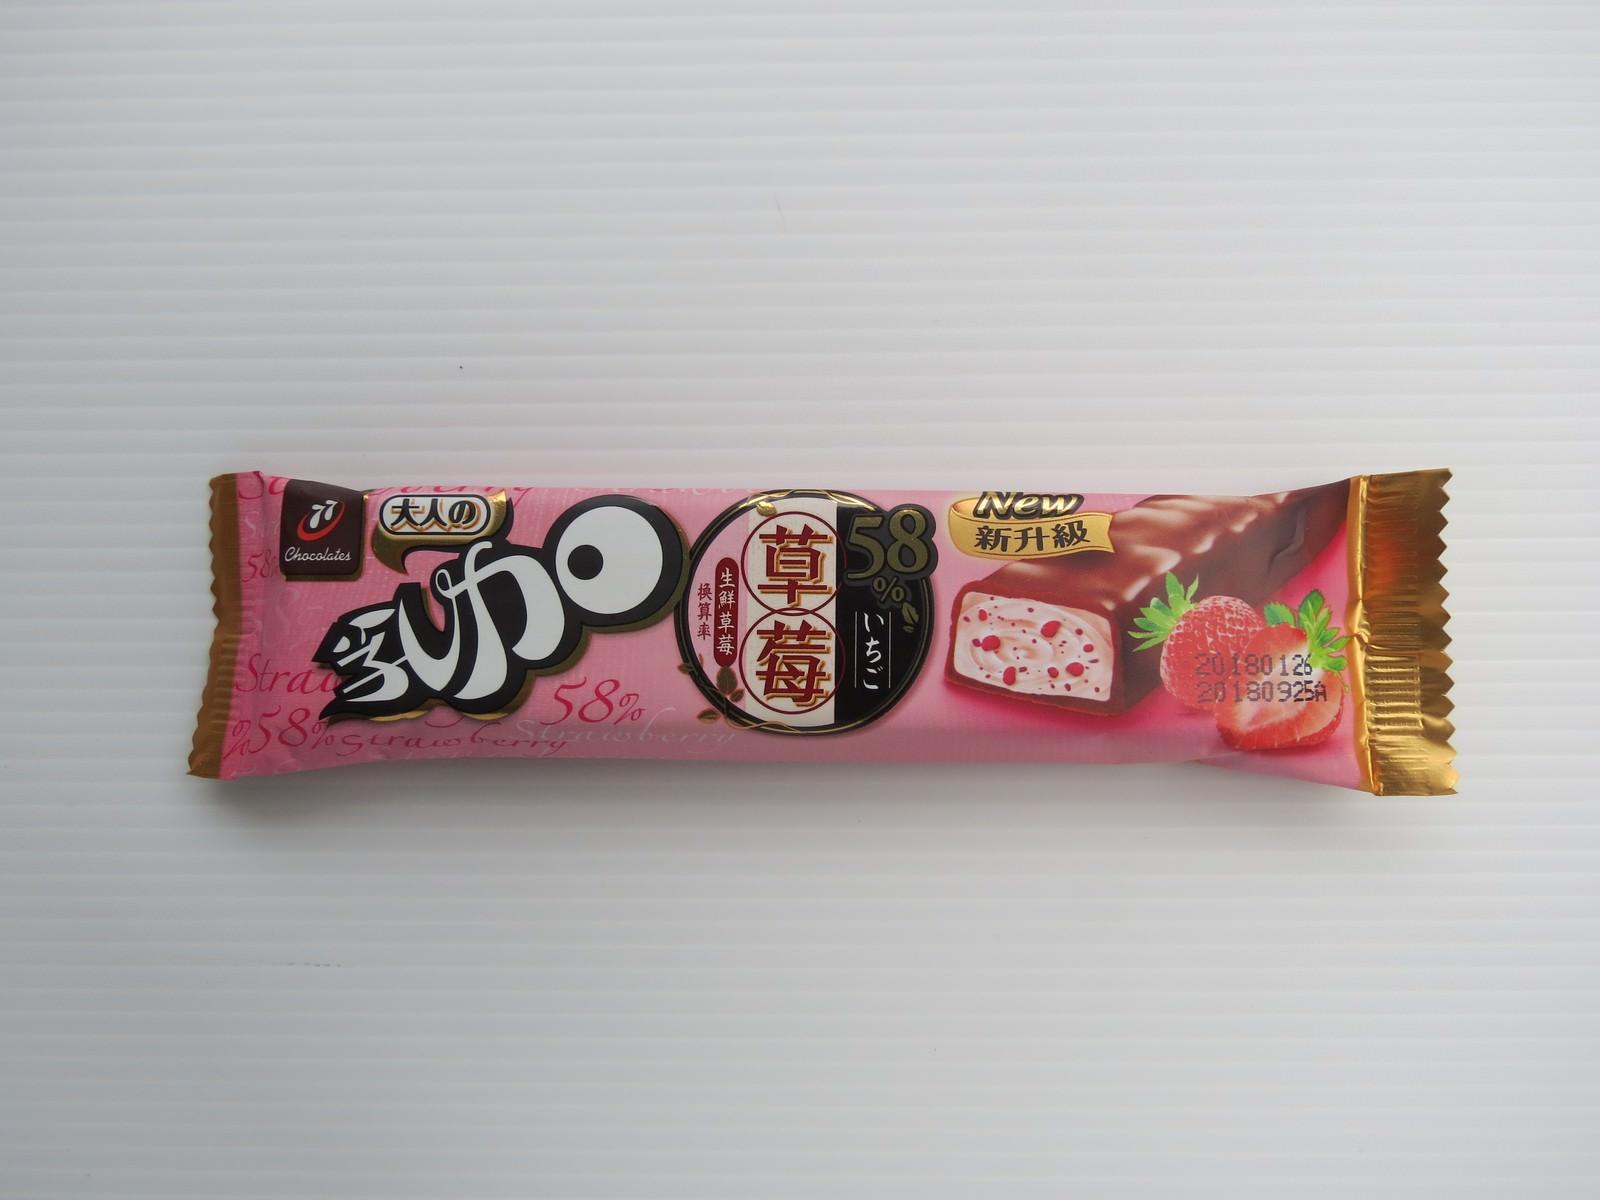 七七乳加巧克力, 草莓